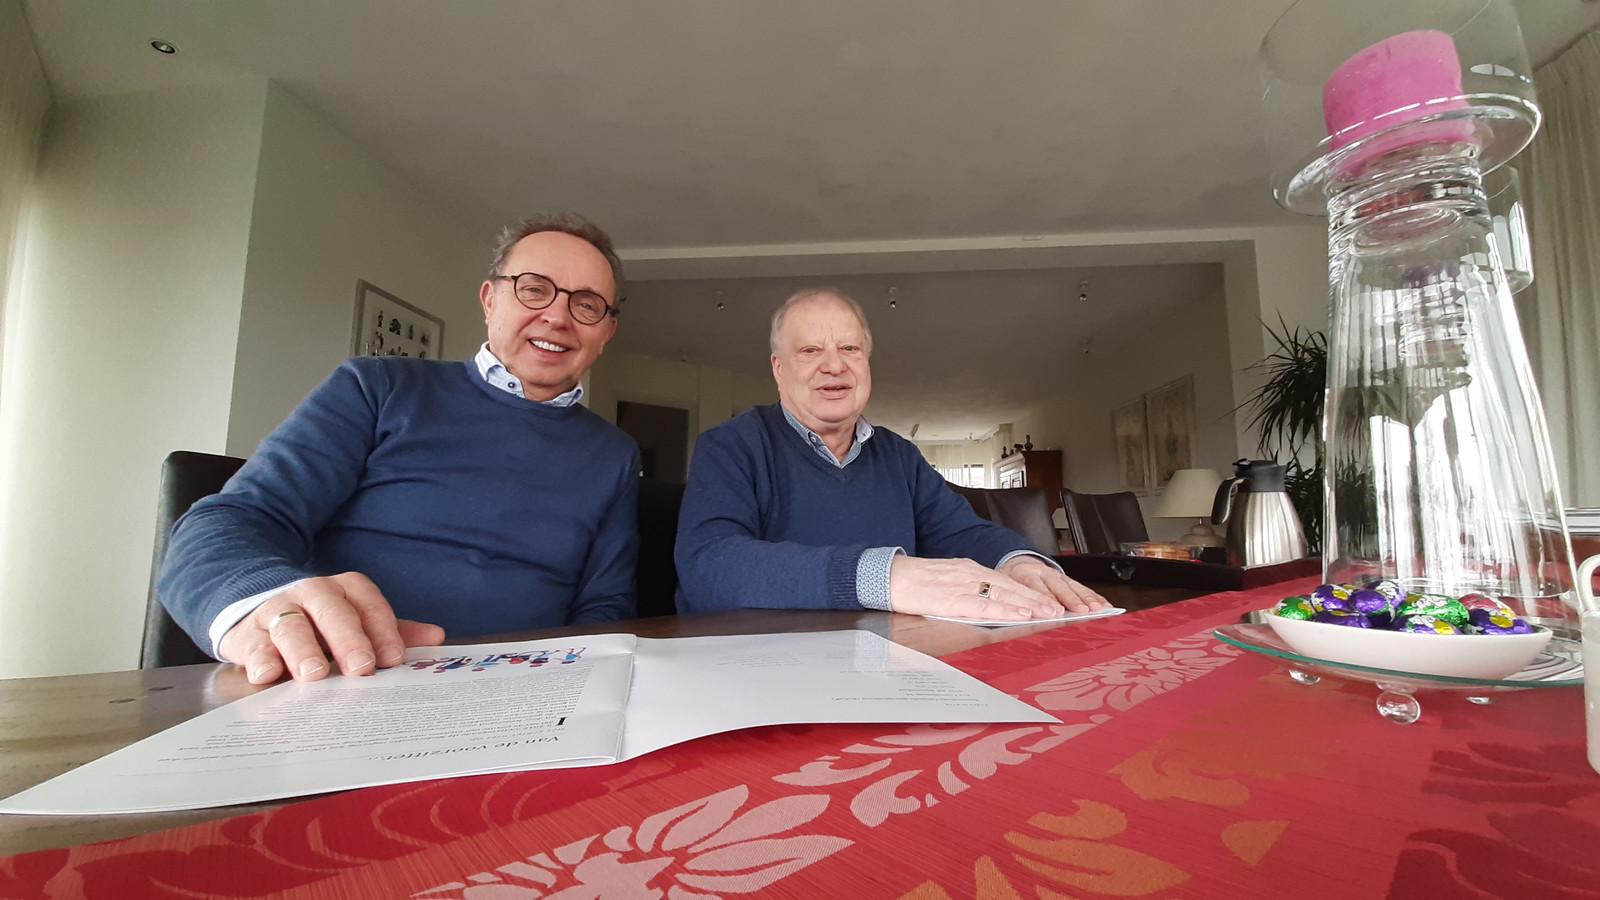 Voorzitter Jan Lanooy (li) en secretaris Kees Franken van het Roosendaalse Gehandicapten Platform RoGeP.